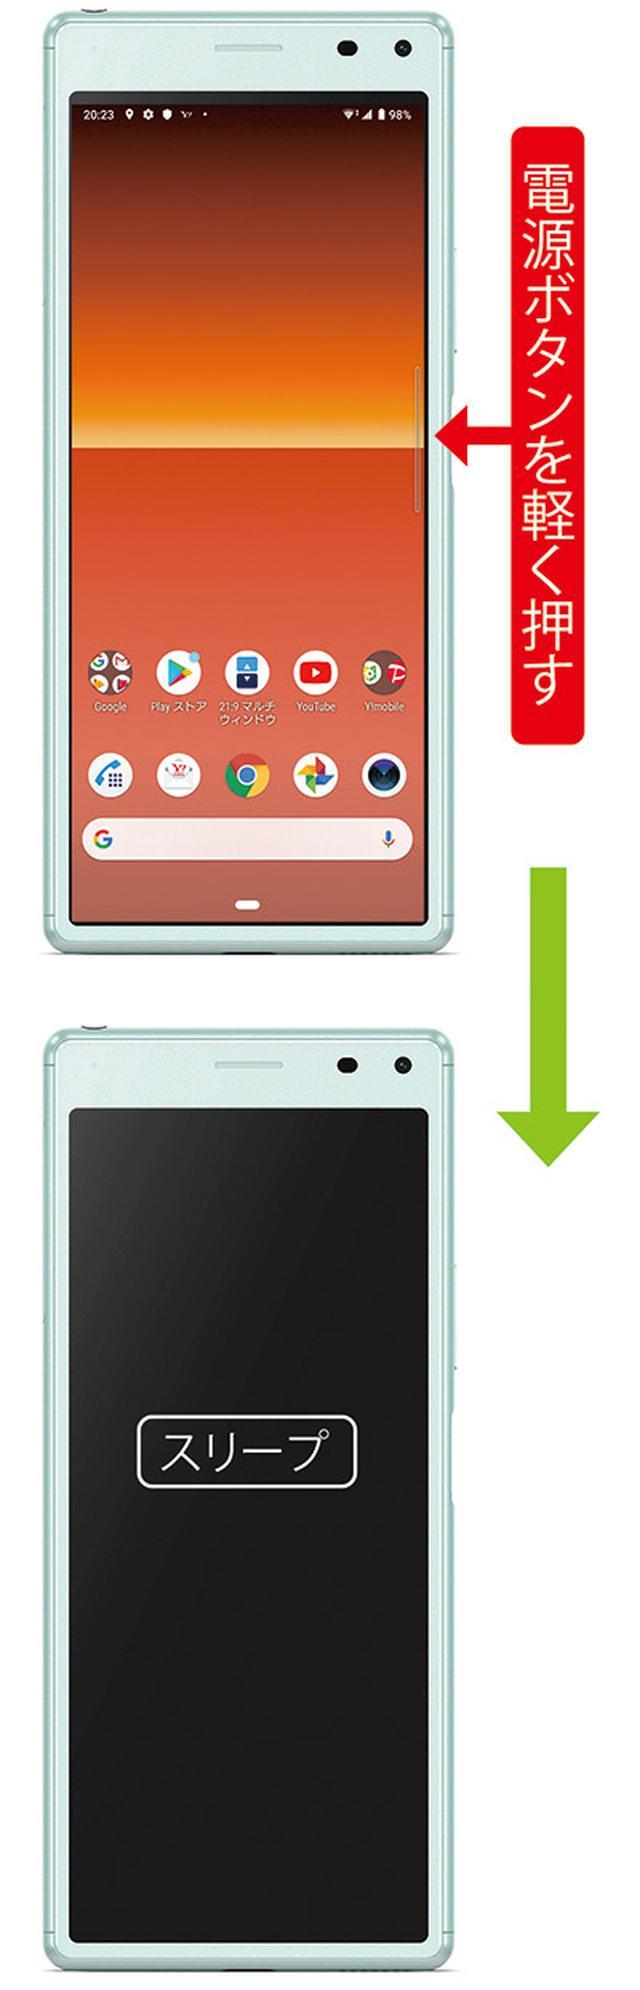 画像3: 疑問と悩み 基本操作編 Androidスマホの電源のオン/オフの仕方がわからない